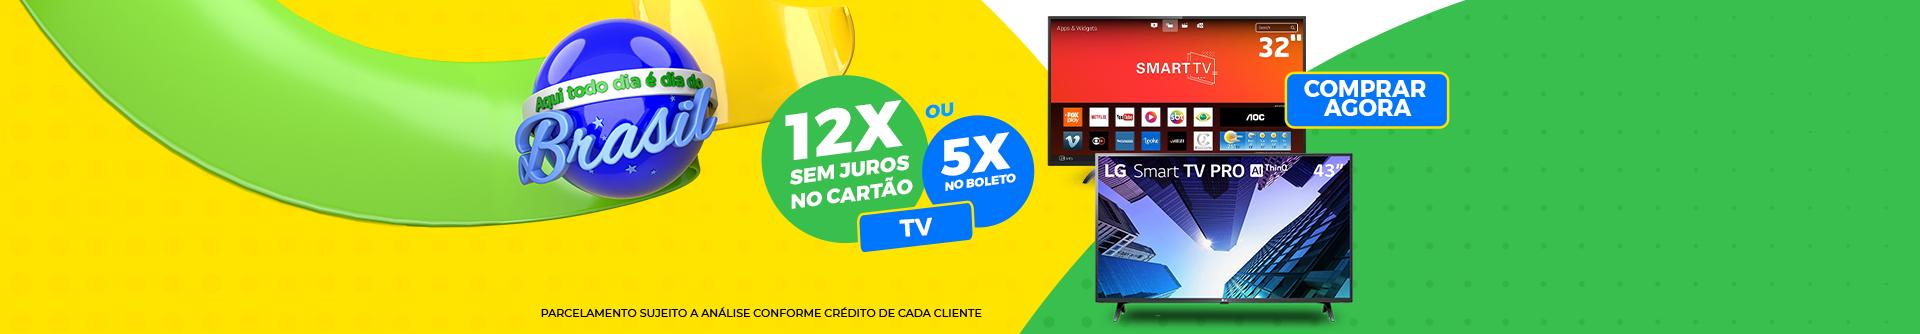 Todo dia é dia de Brasil - TV